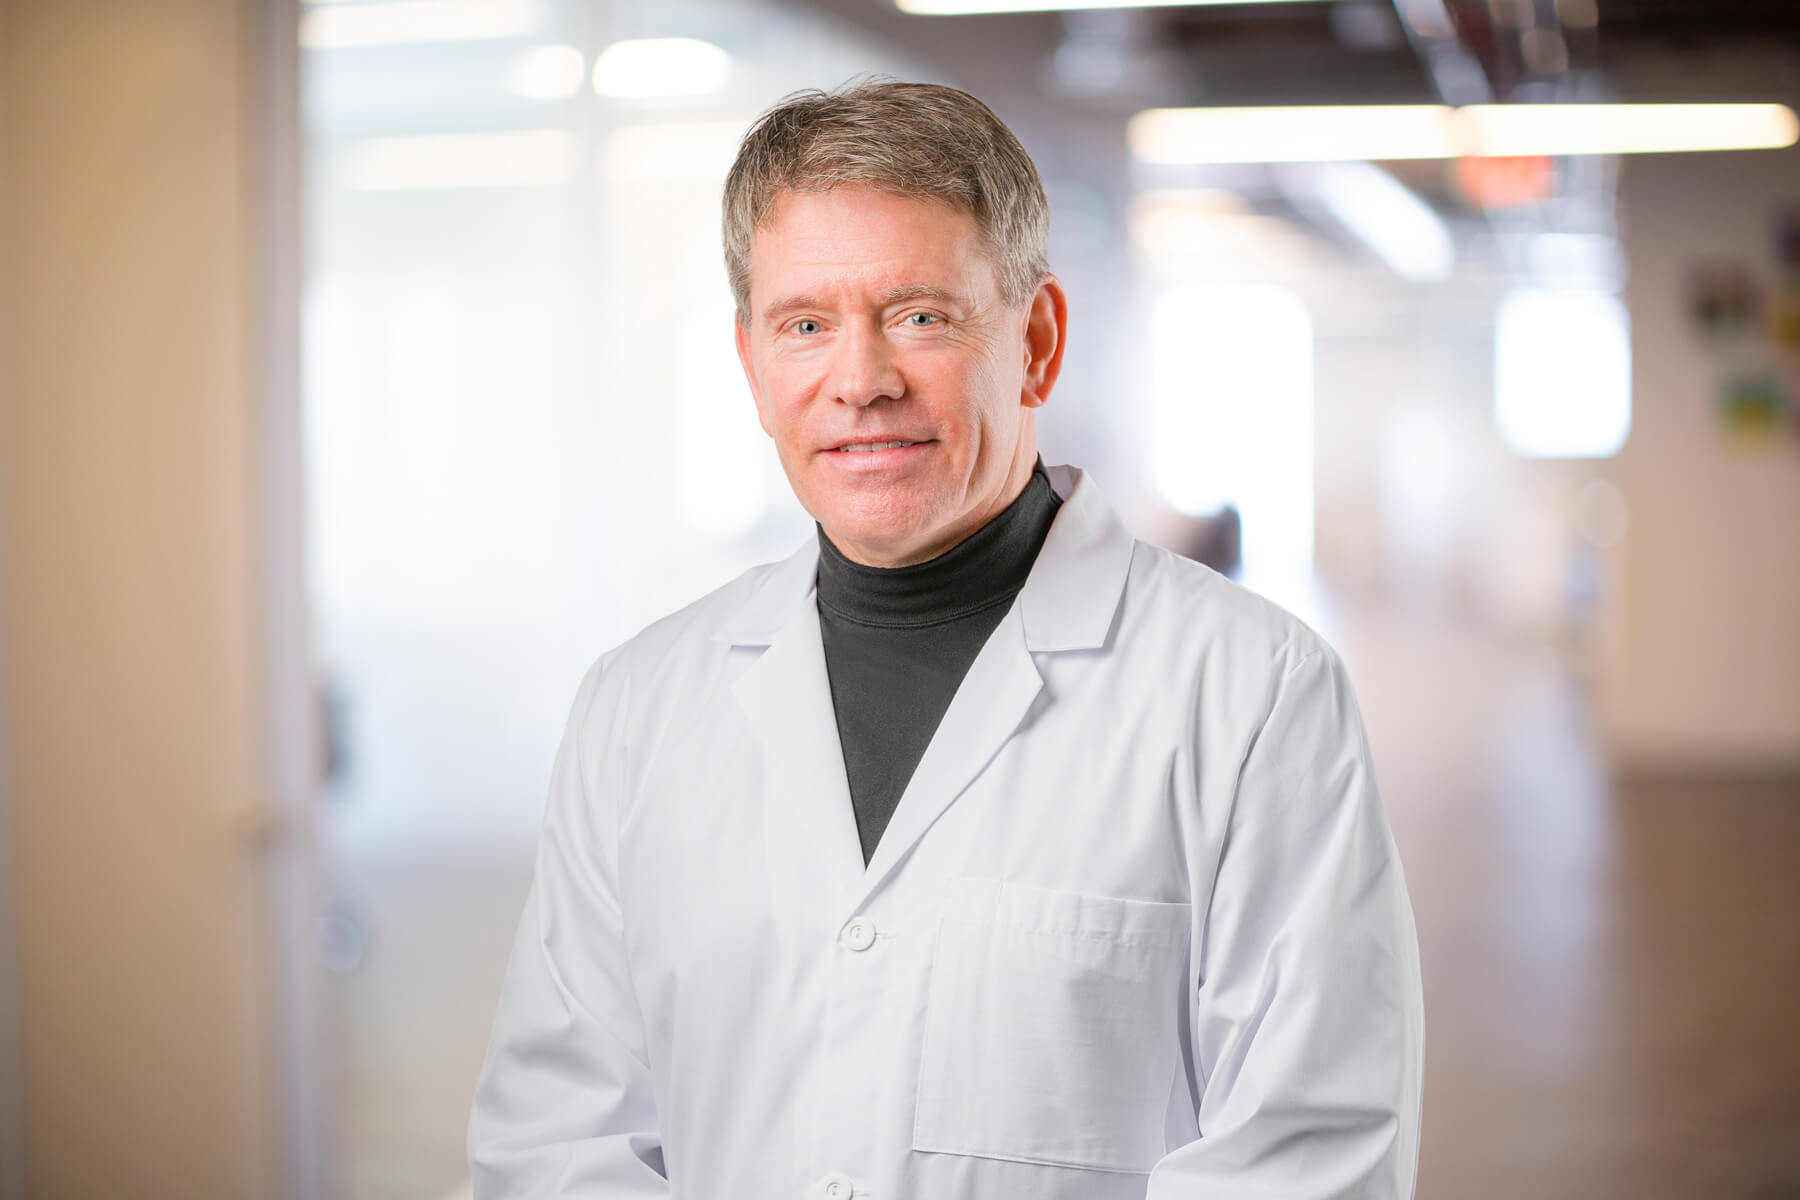 Dr. Jim Wines